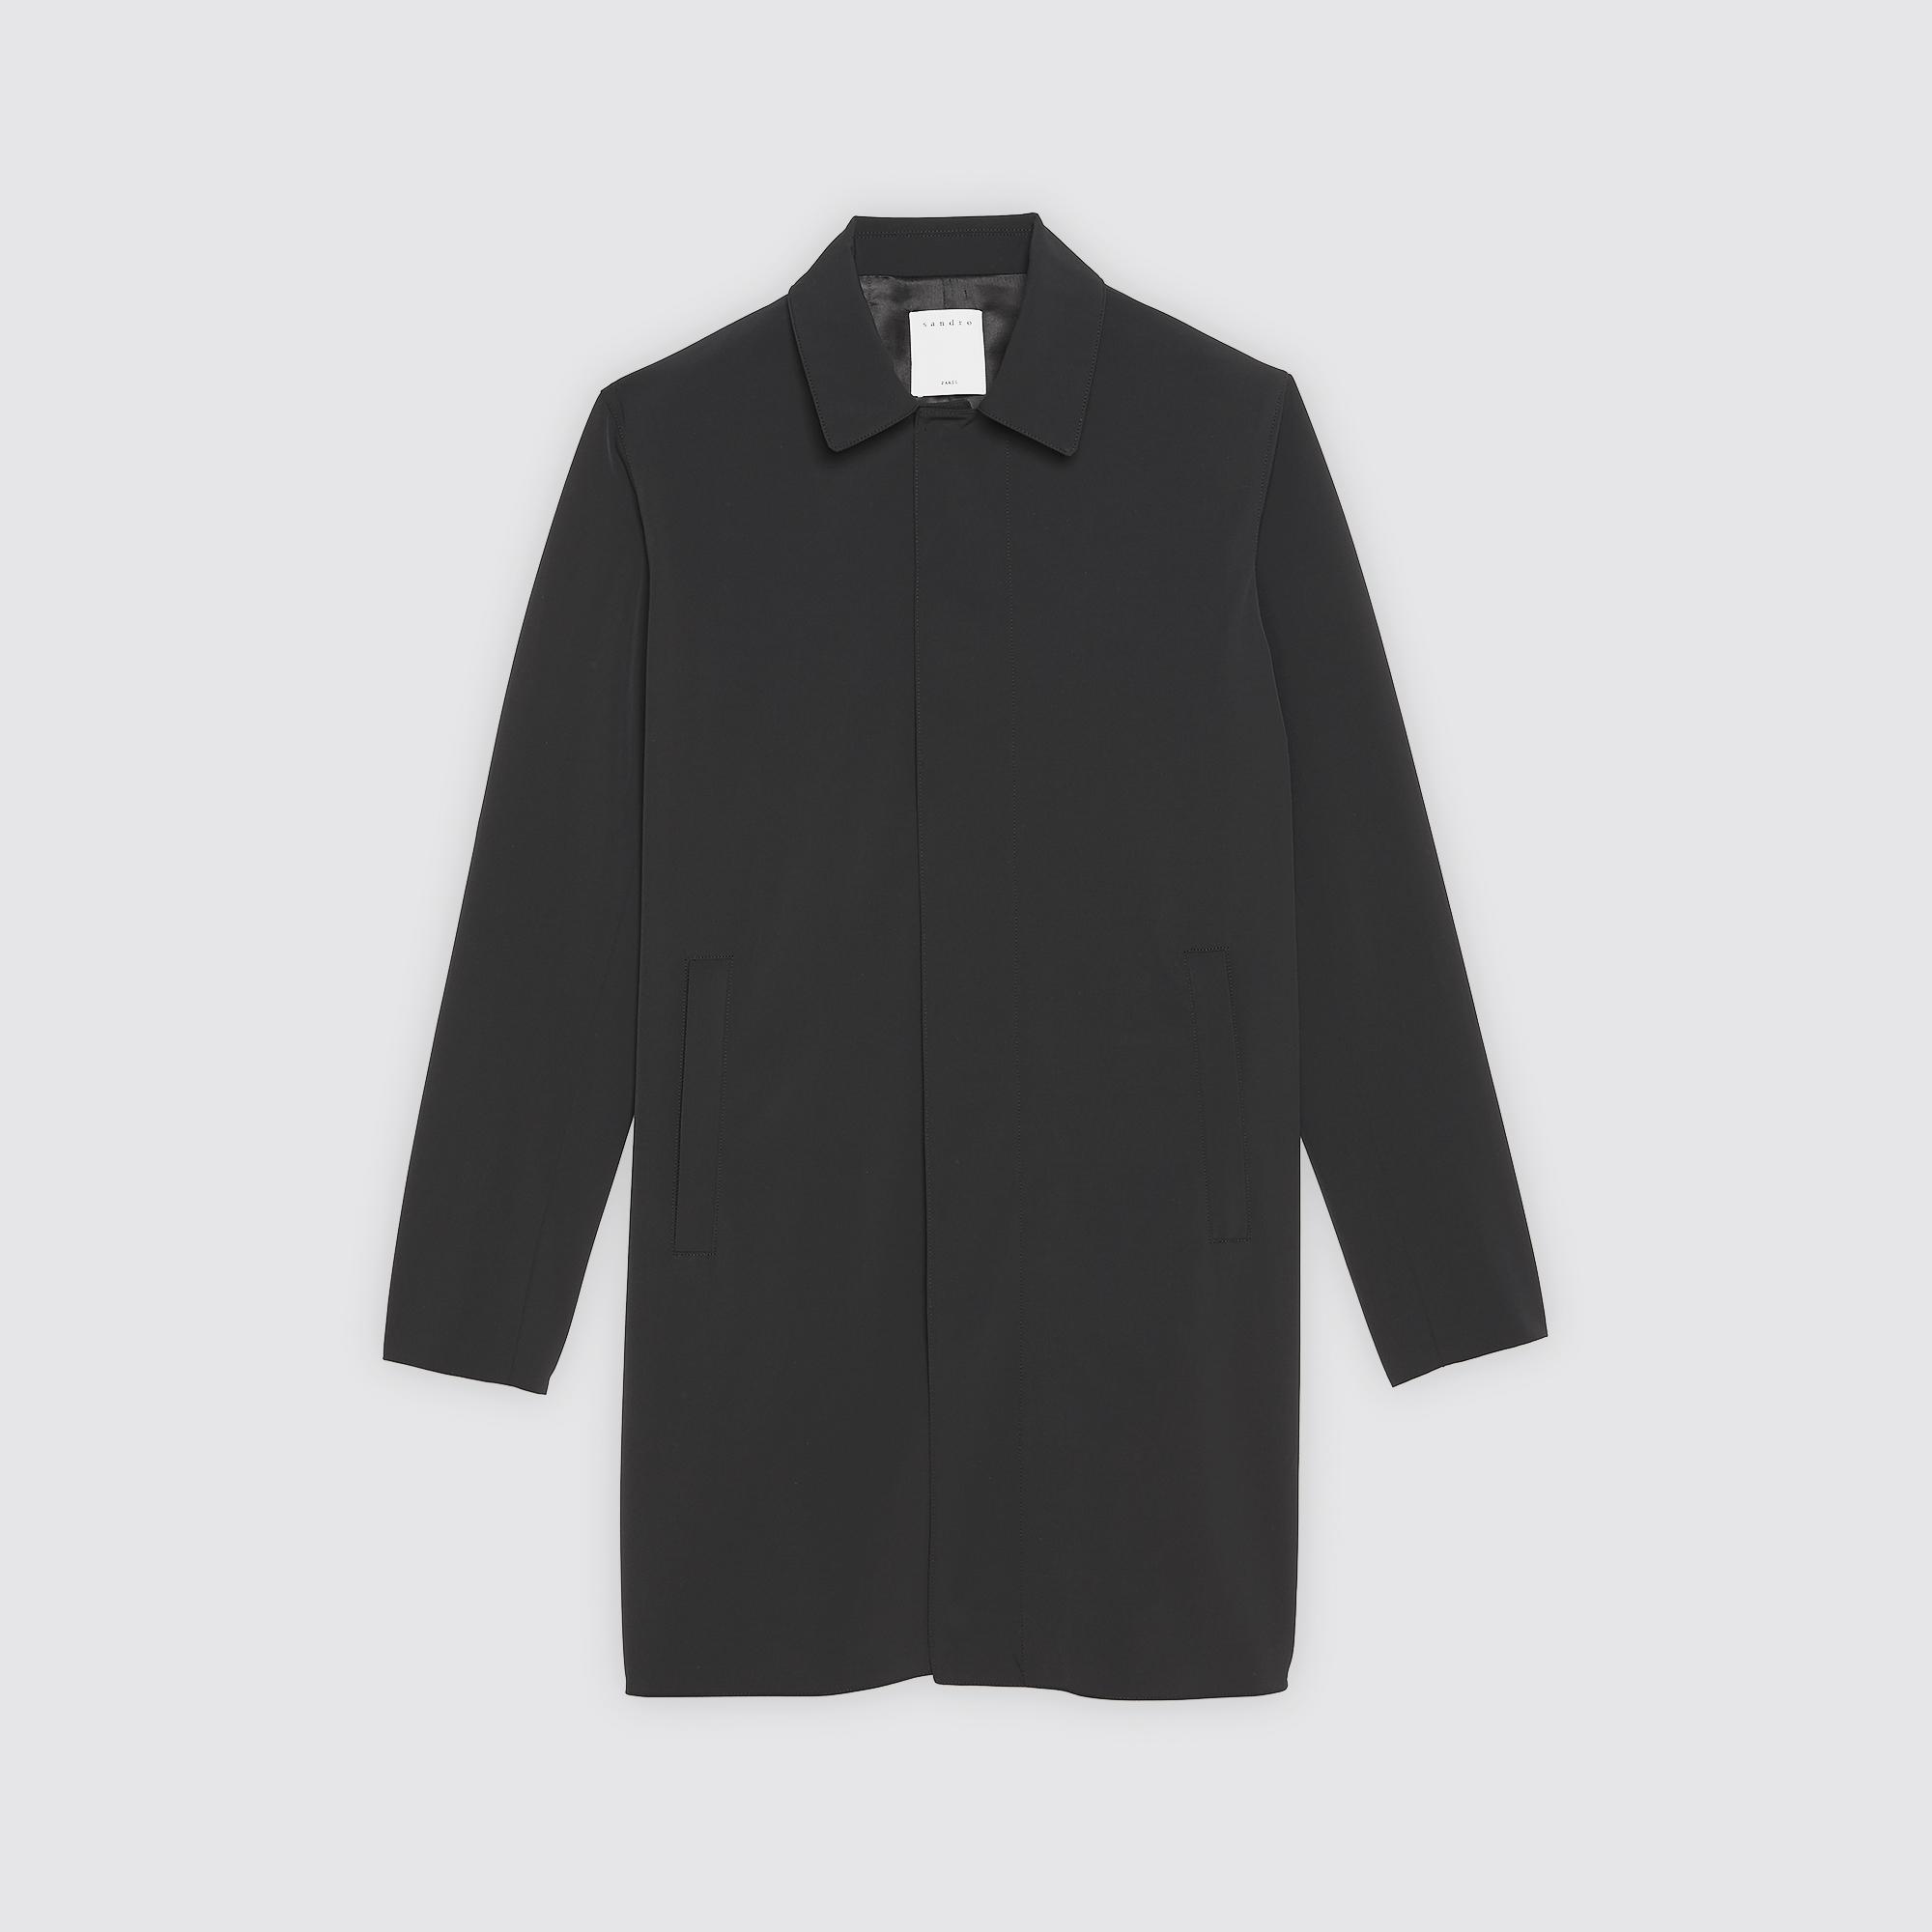 Imperméable En Couleur Tissu amp; Blousons Manteaux Noir Technique RnZawqp